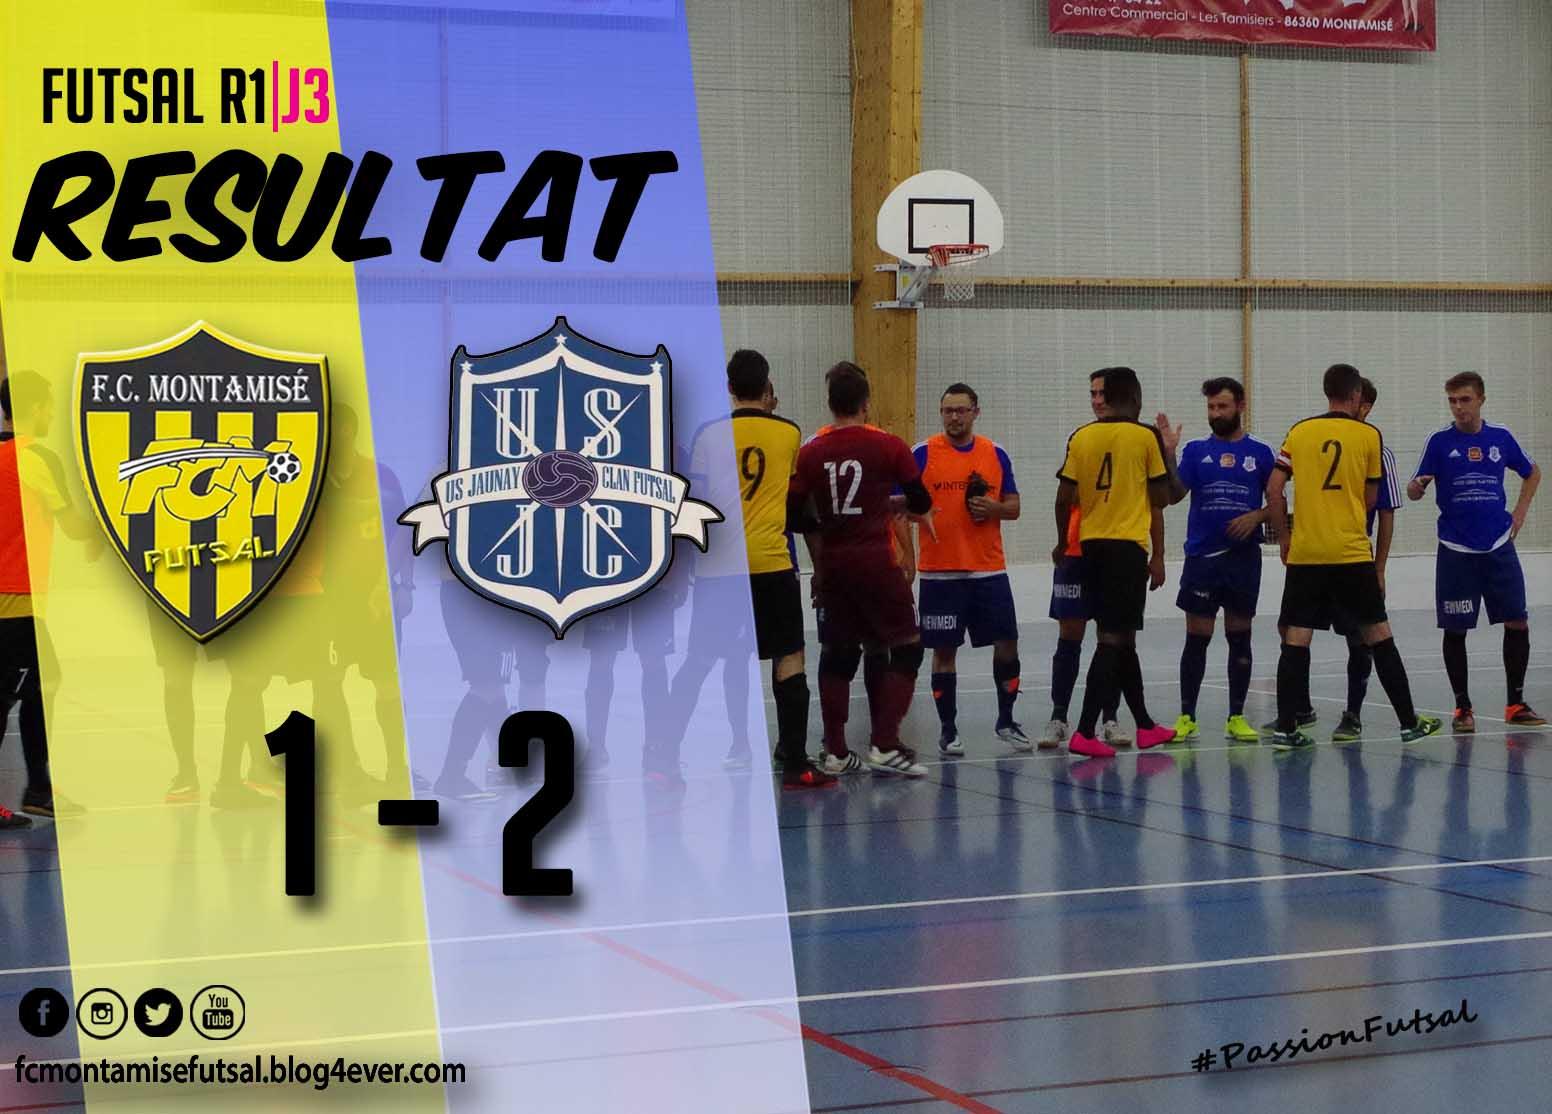 Résultat FC Montamisé Futsal - Jaunay-Clan R1 J3 Low.jpg